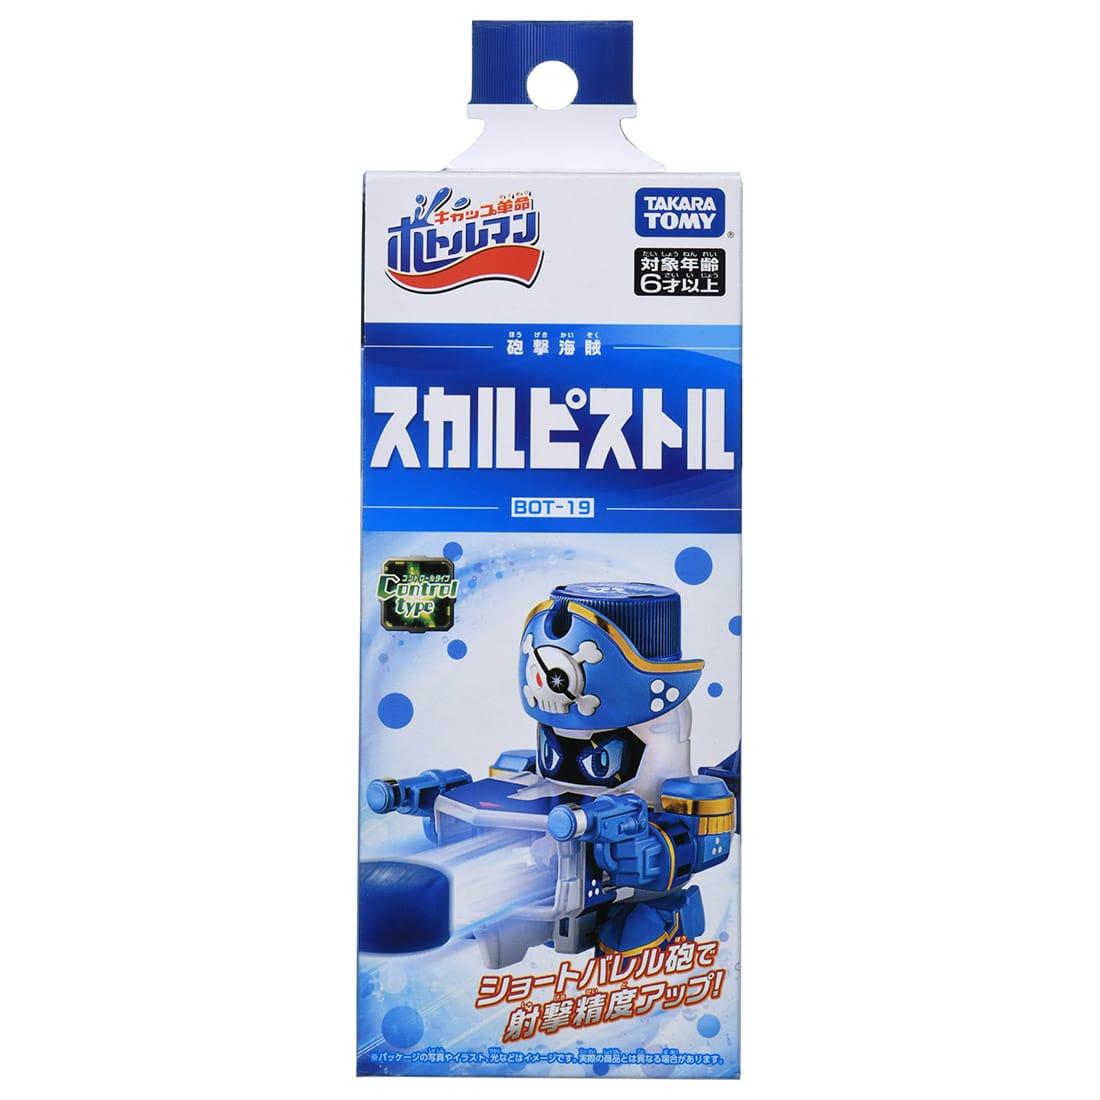 キャップ革命 ボトルマン『BOT-19 スカルピストル』おもちゃ-002